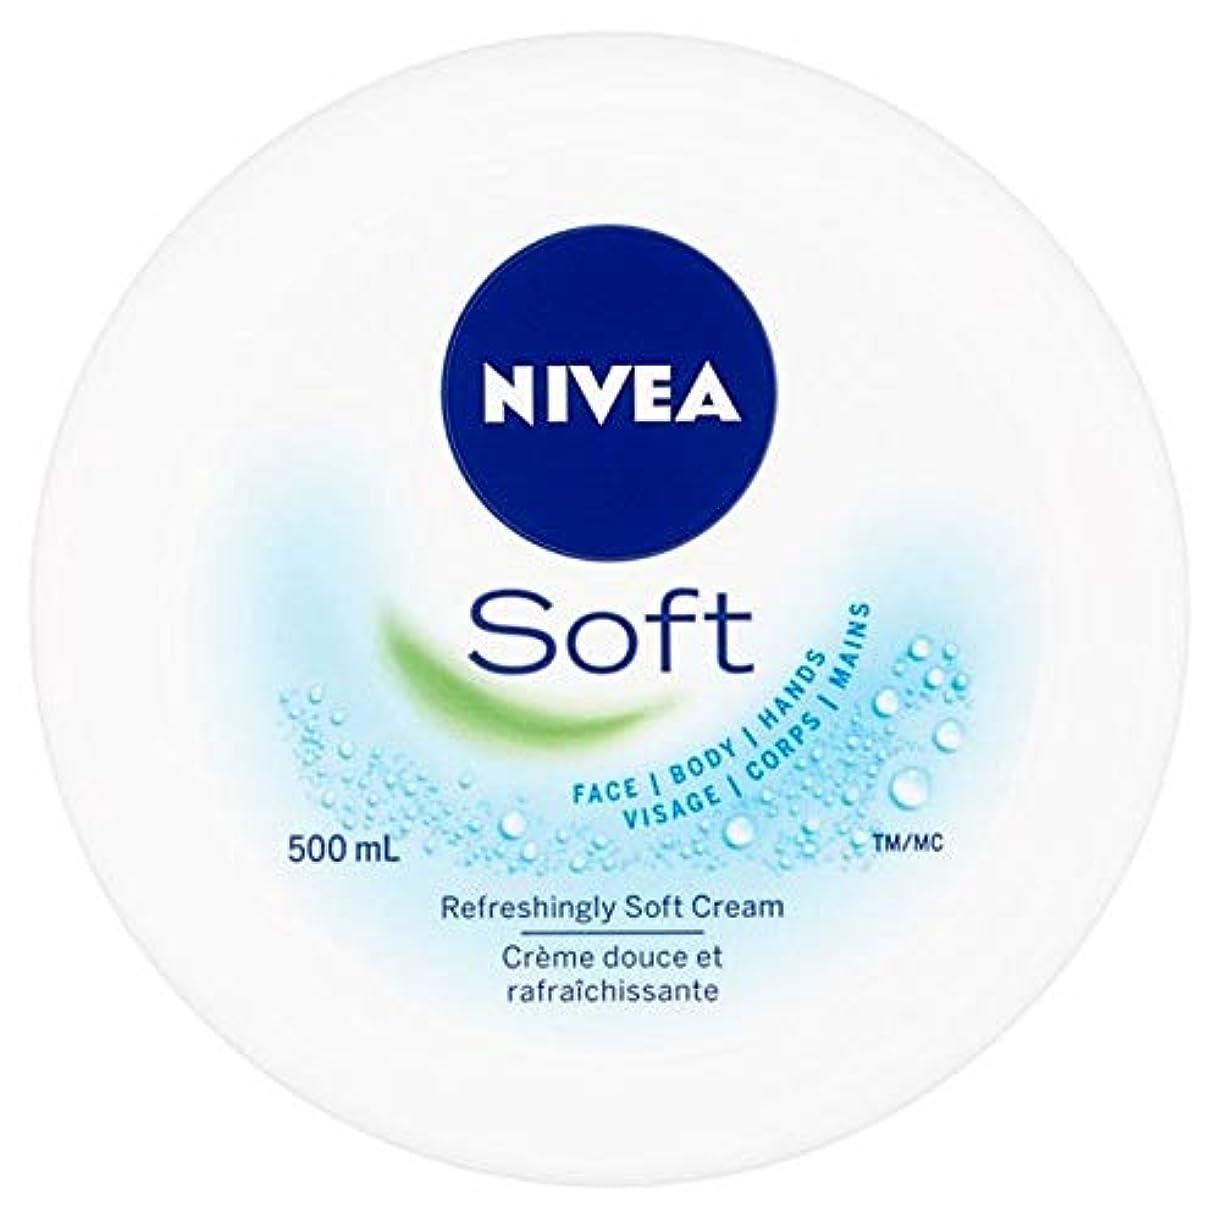 楽しむ騒環境[Nivea] ニベアソフト爽やかなクリーム500ミリリットル - Nivea Soft Refreshing Cream 500Ml [並行輸入品]